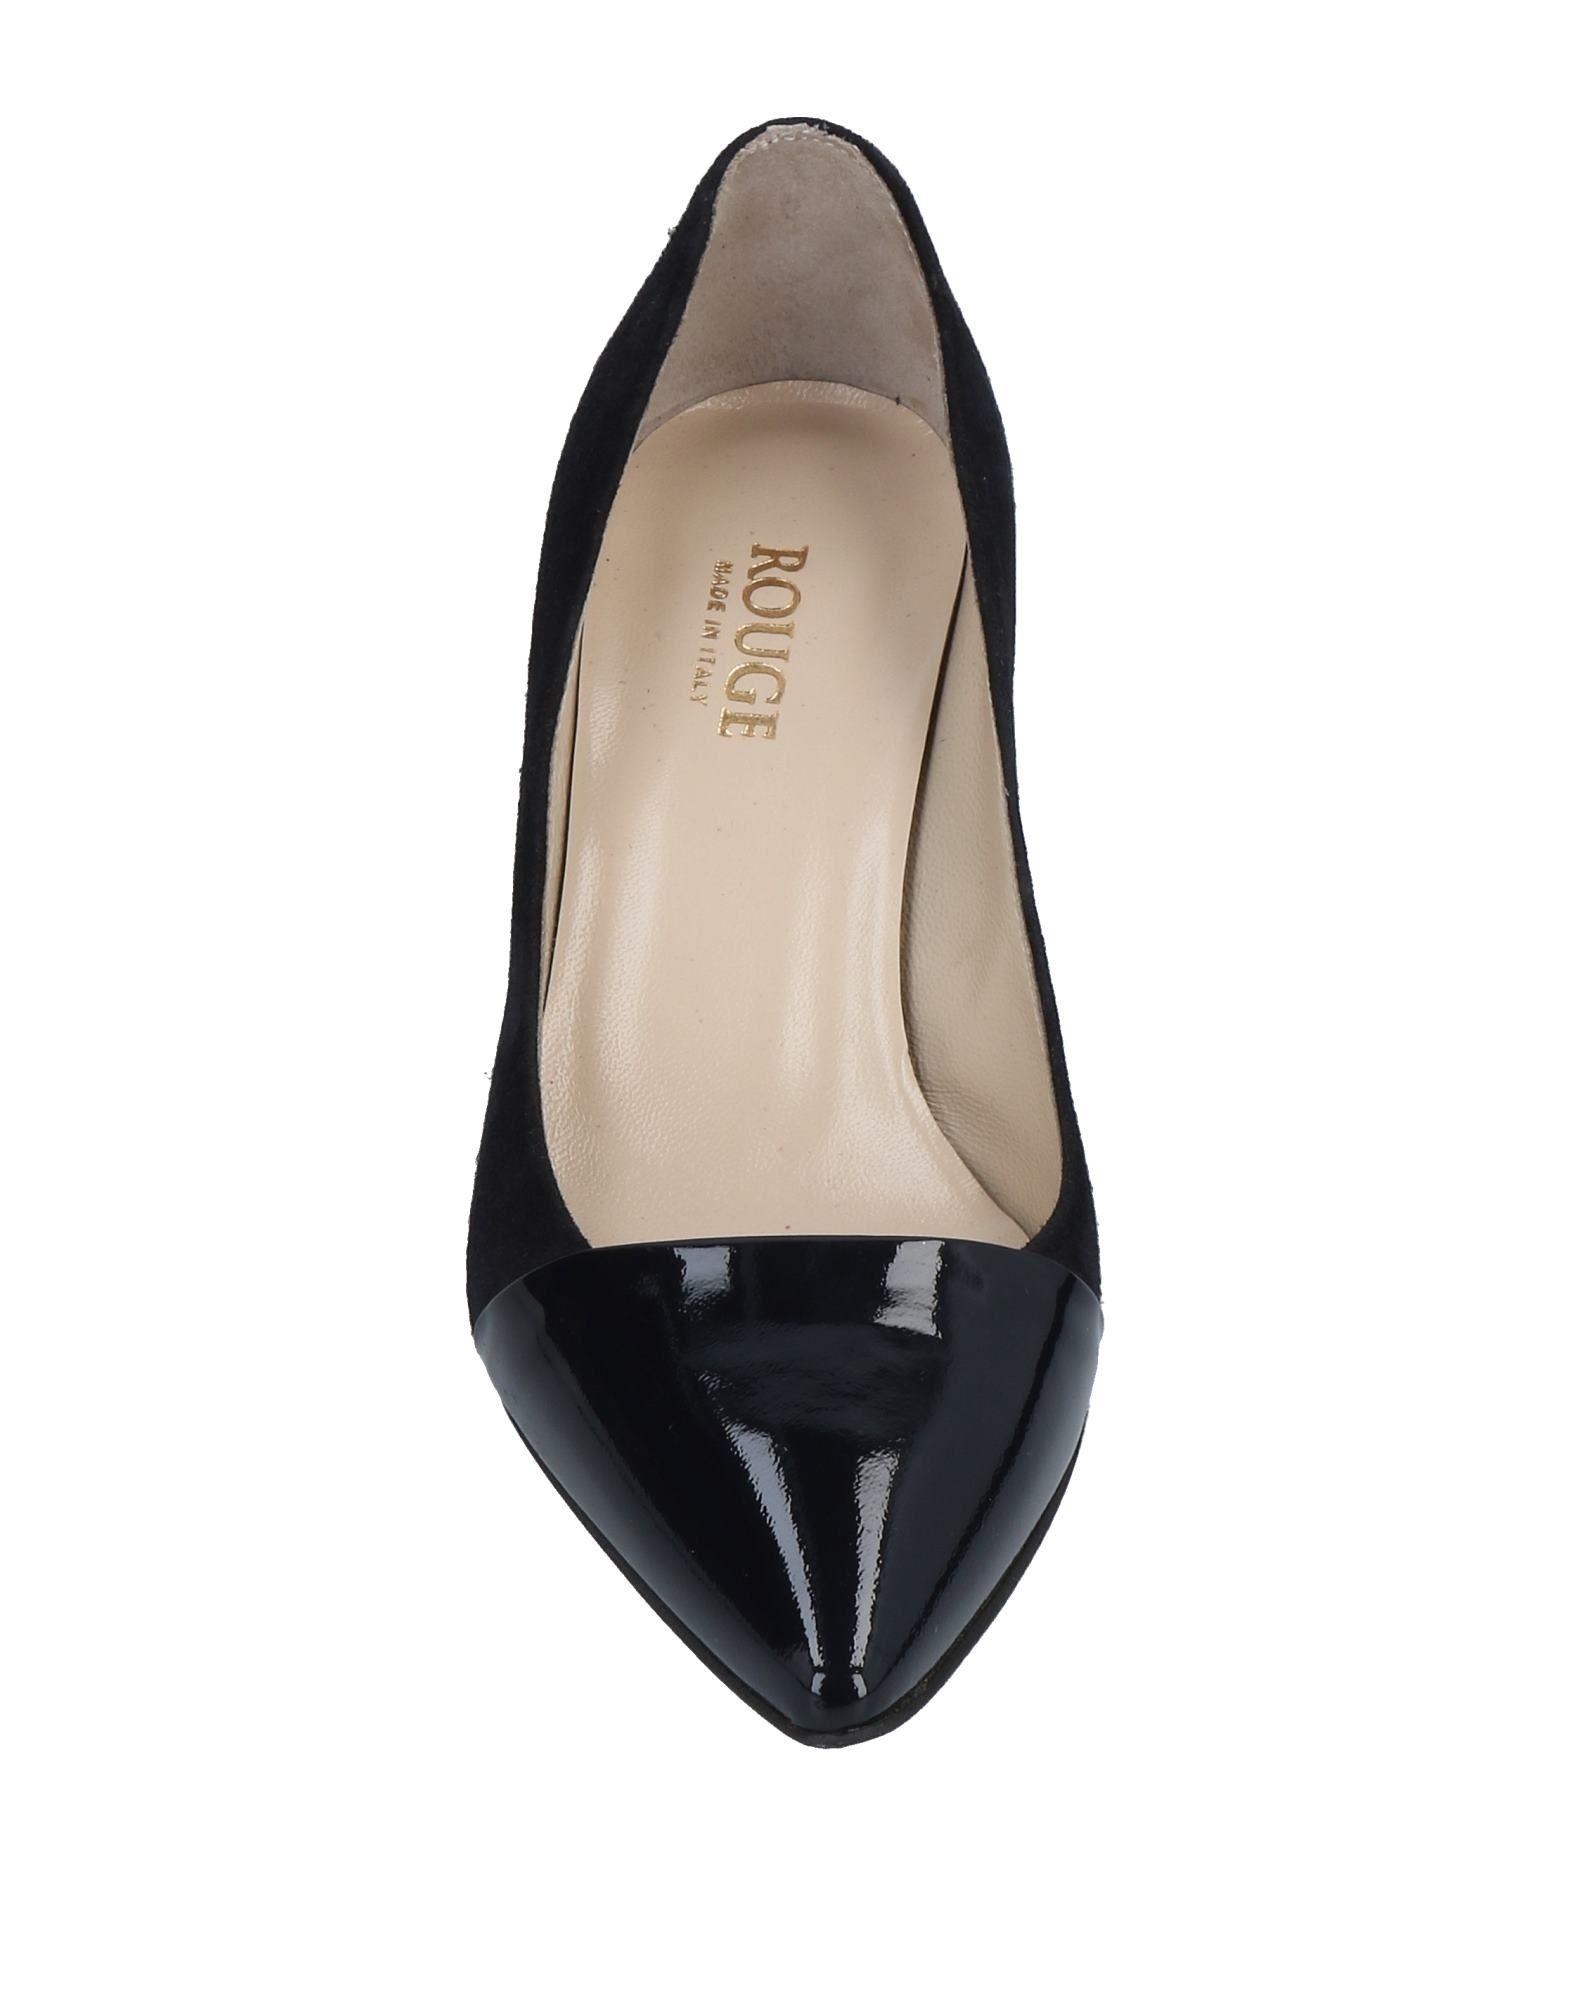 Rouge Pumps Qualität Damen  11482254ES Gute Qualität Pumps beliebte Schuhe 15dcc7